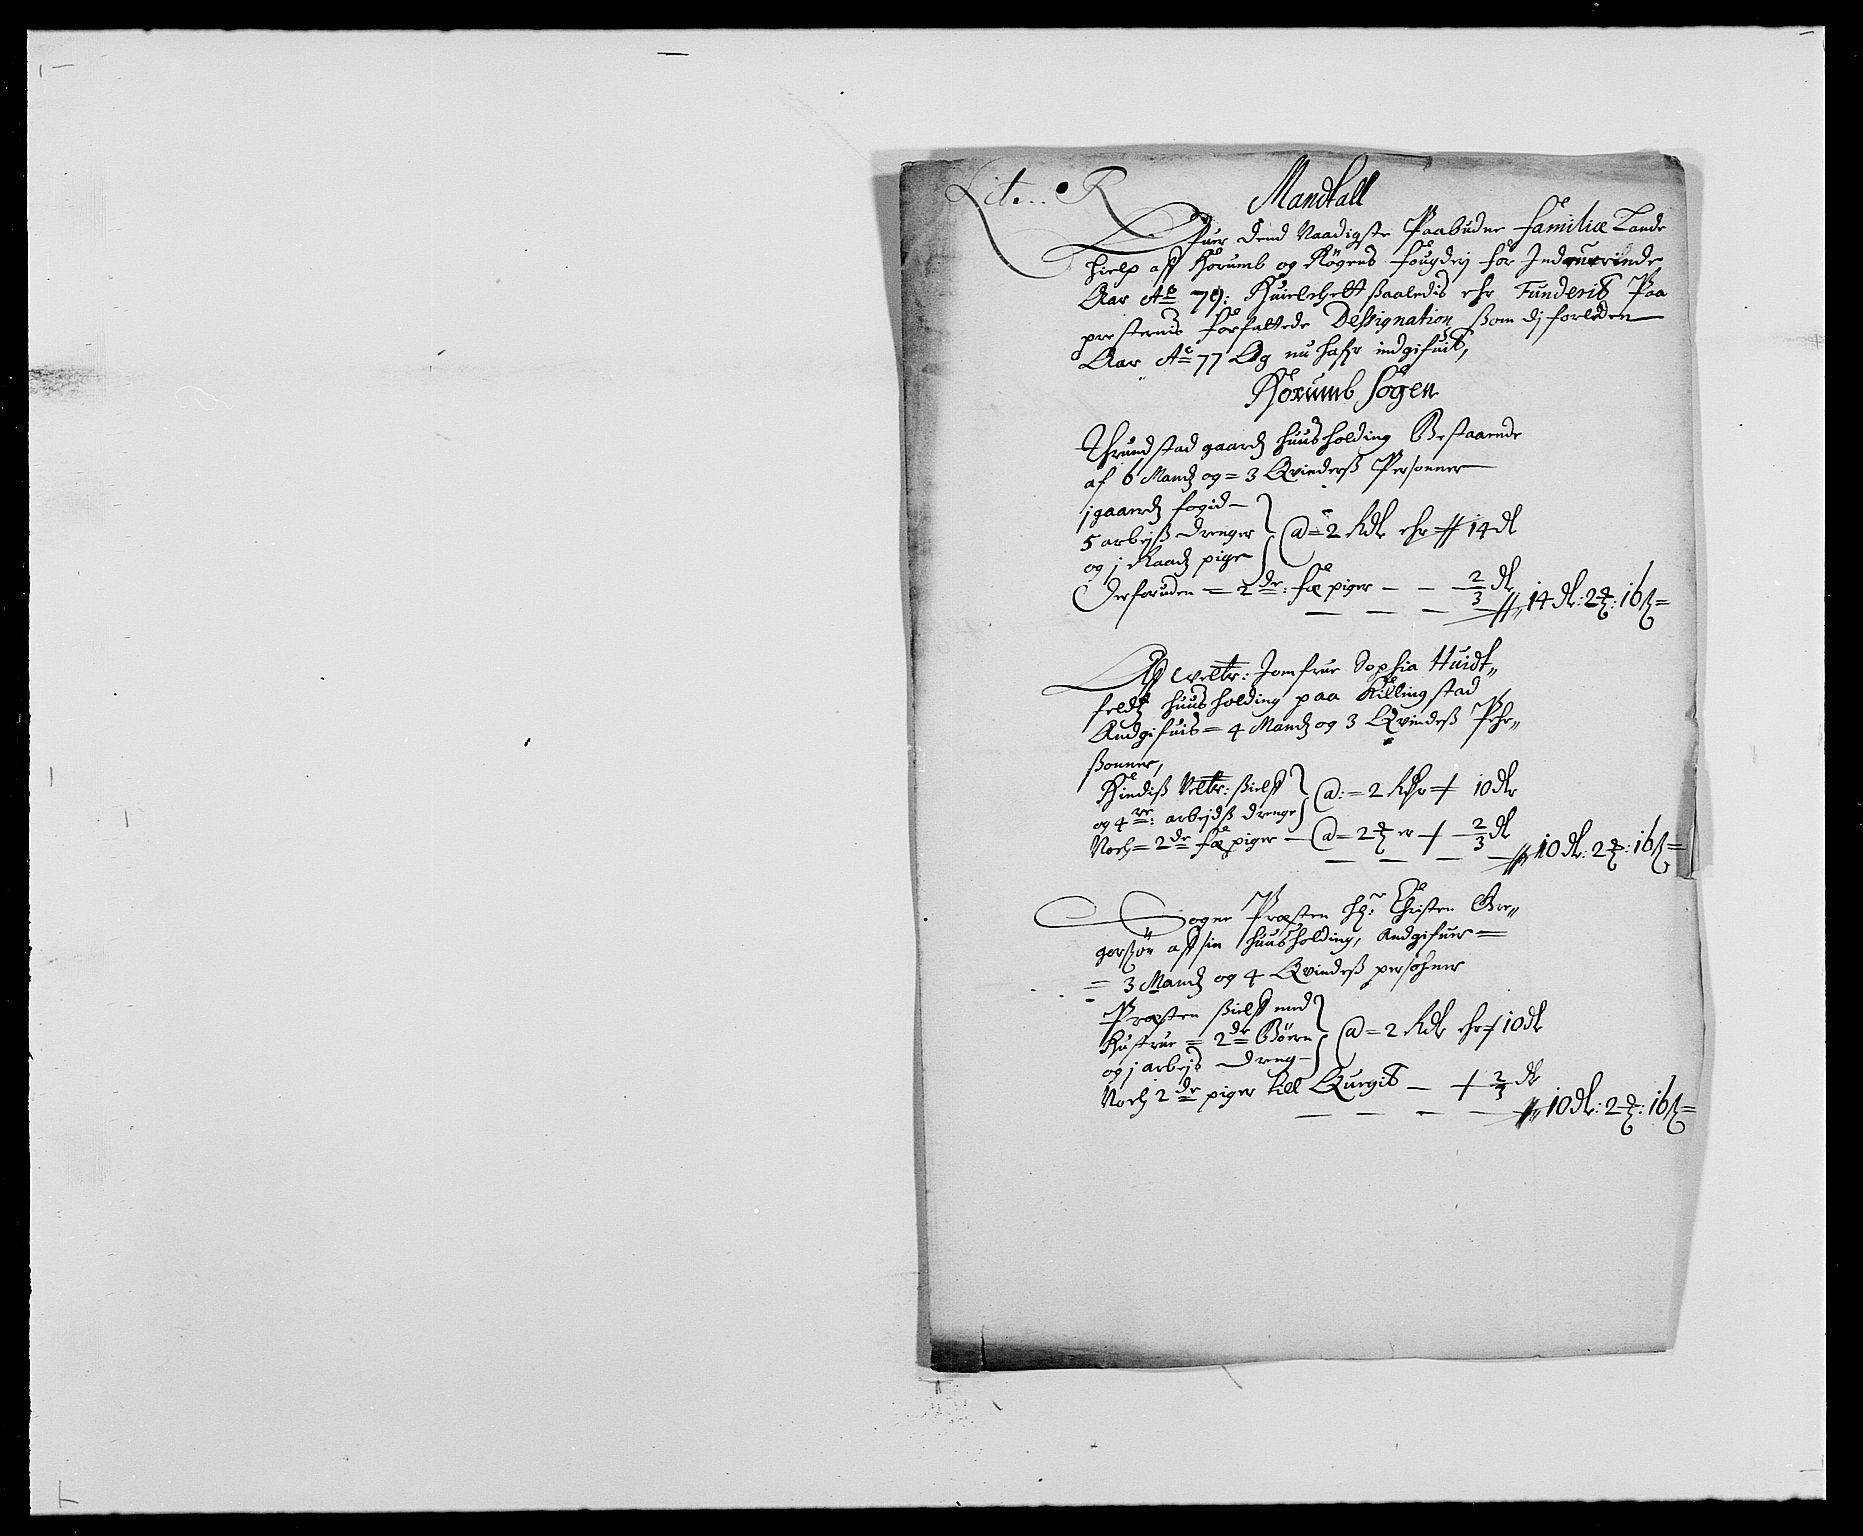 RA, Rentekammeret inntil 1814, Reviderte regnskaper, Fogderegnskap, R29/L1691: Fogderegnskap Hurum og Røyken, 1678-1681, s. 227